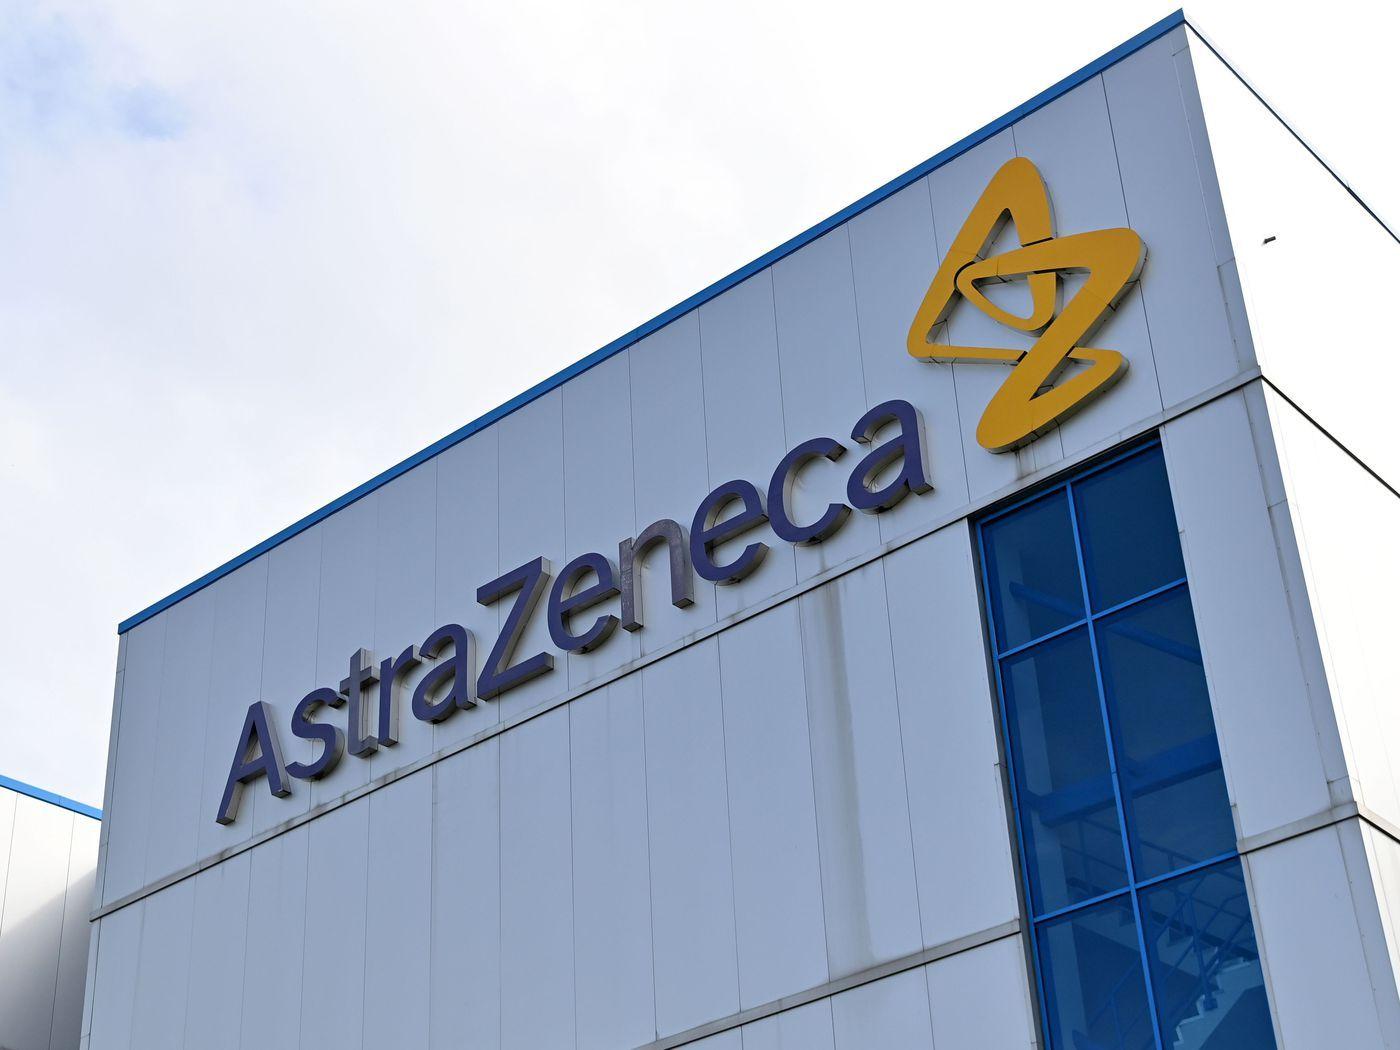 AstraZeneca: акция дешевле $ 100 для длительного удержания